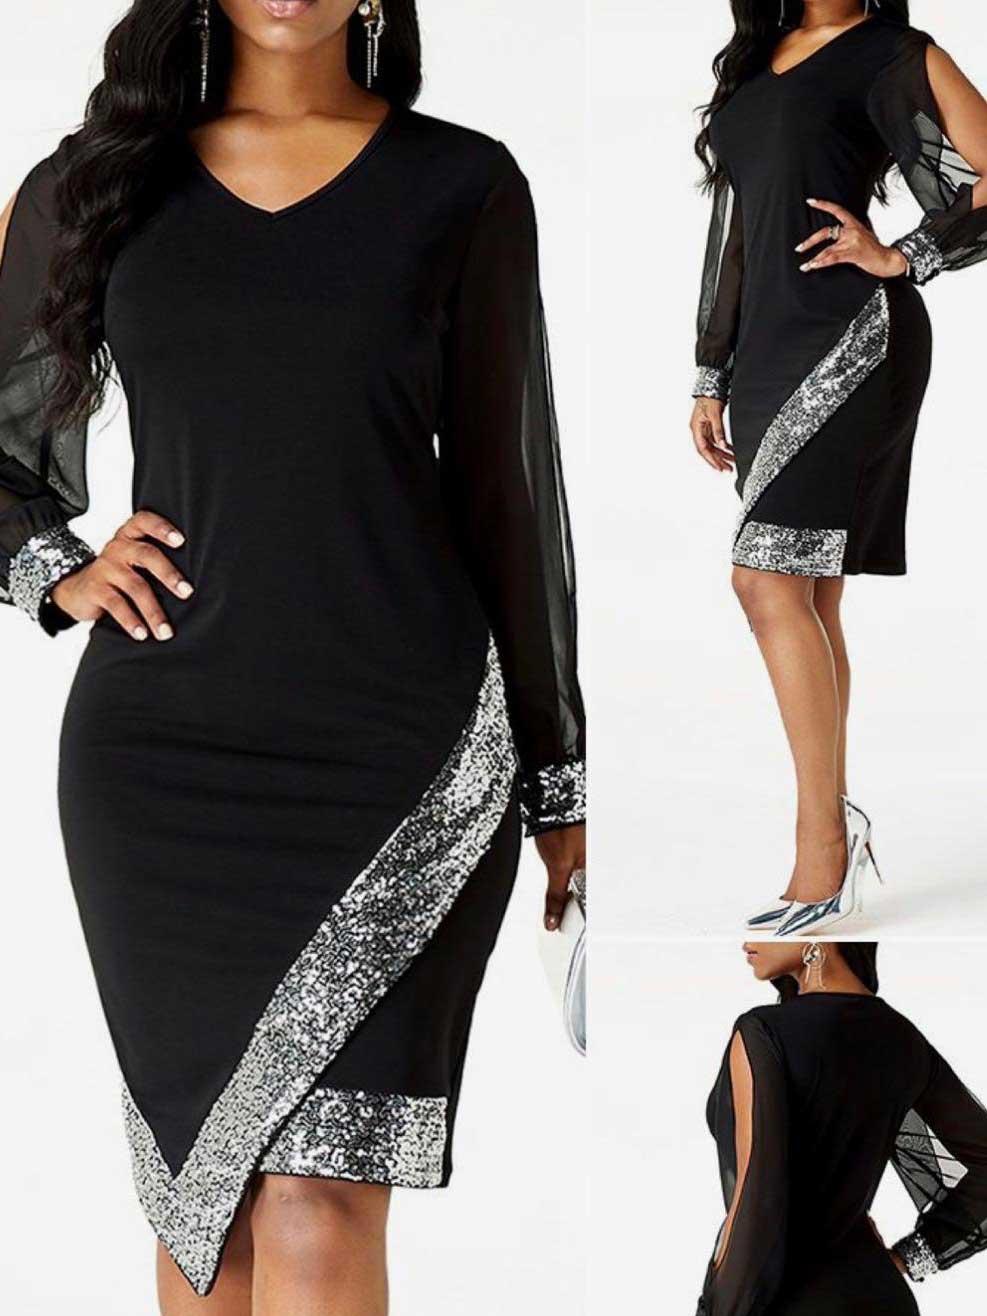 Vestito donna nero e paillette argentocolorenero